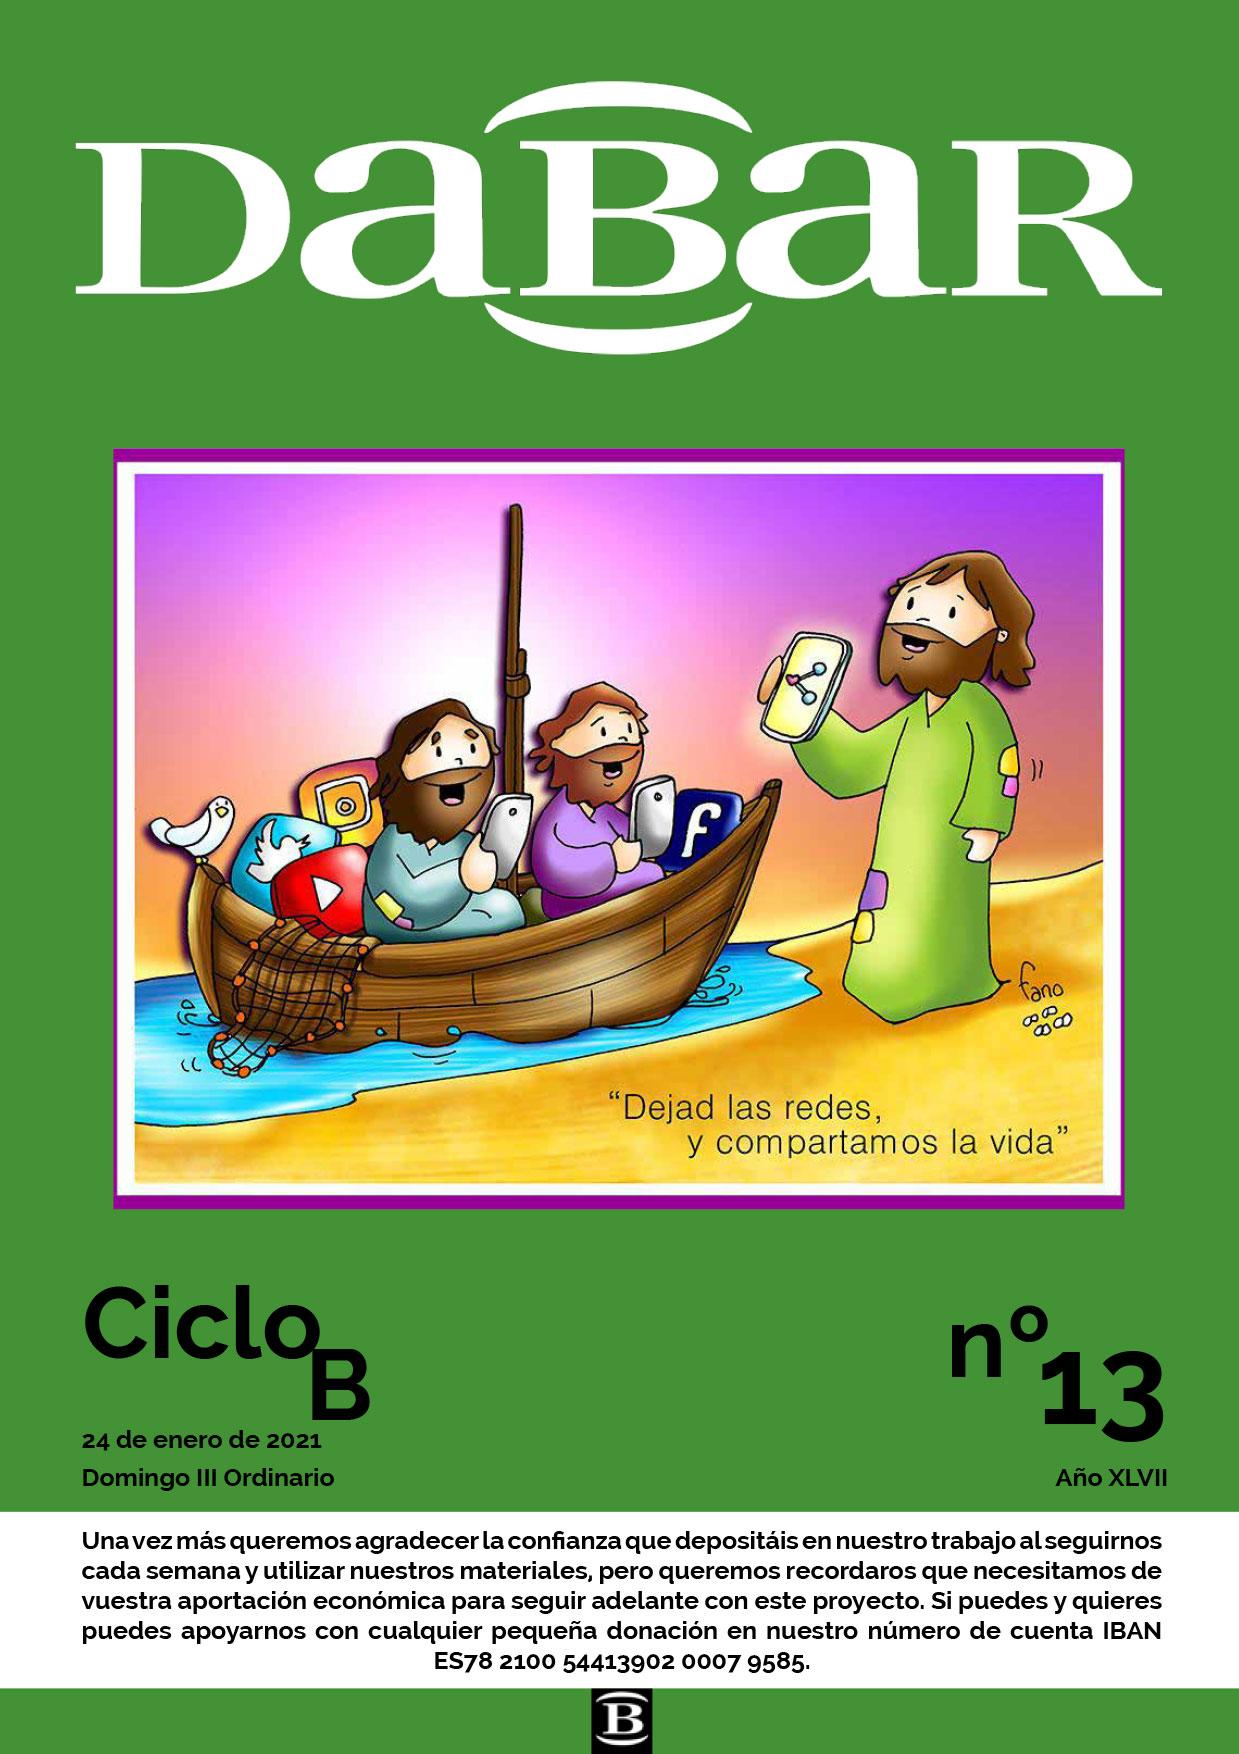 Dabar Revista numero 13 ciclo B